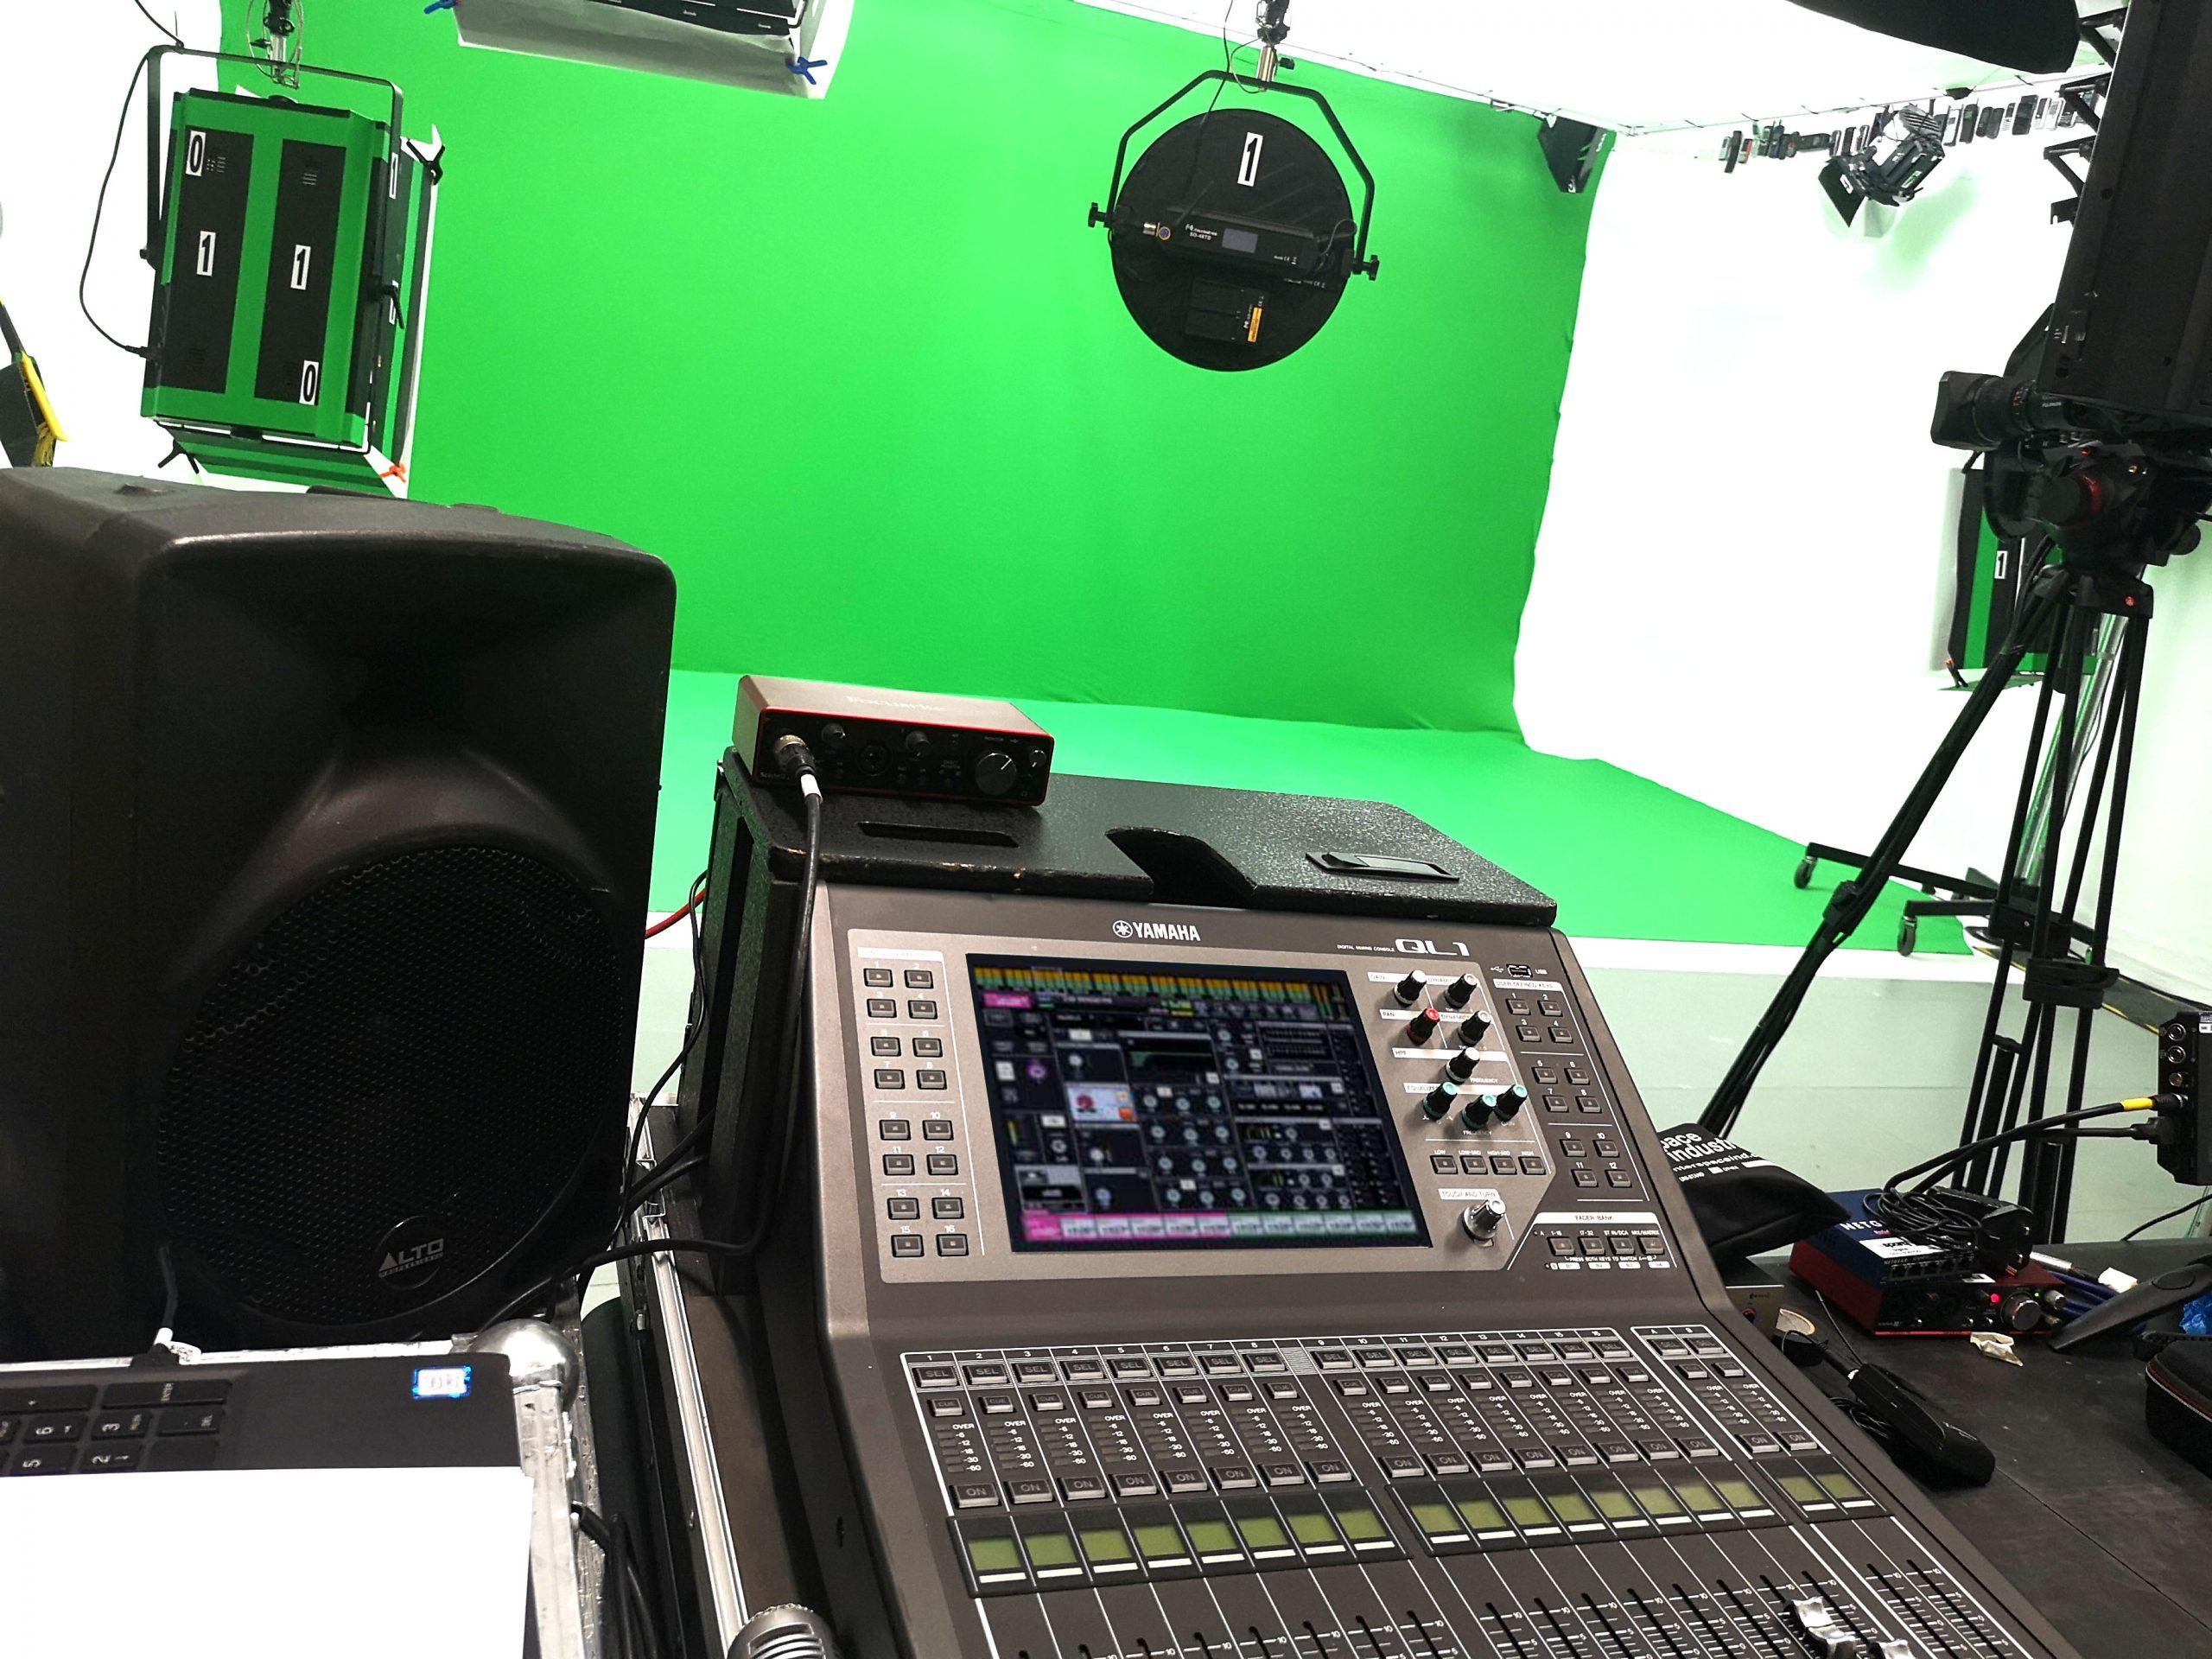 green screen at big brown doors studio hire leeds set up for Sparq & Astra Zeneca